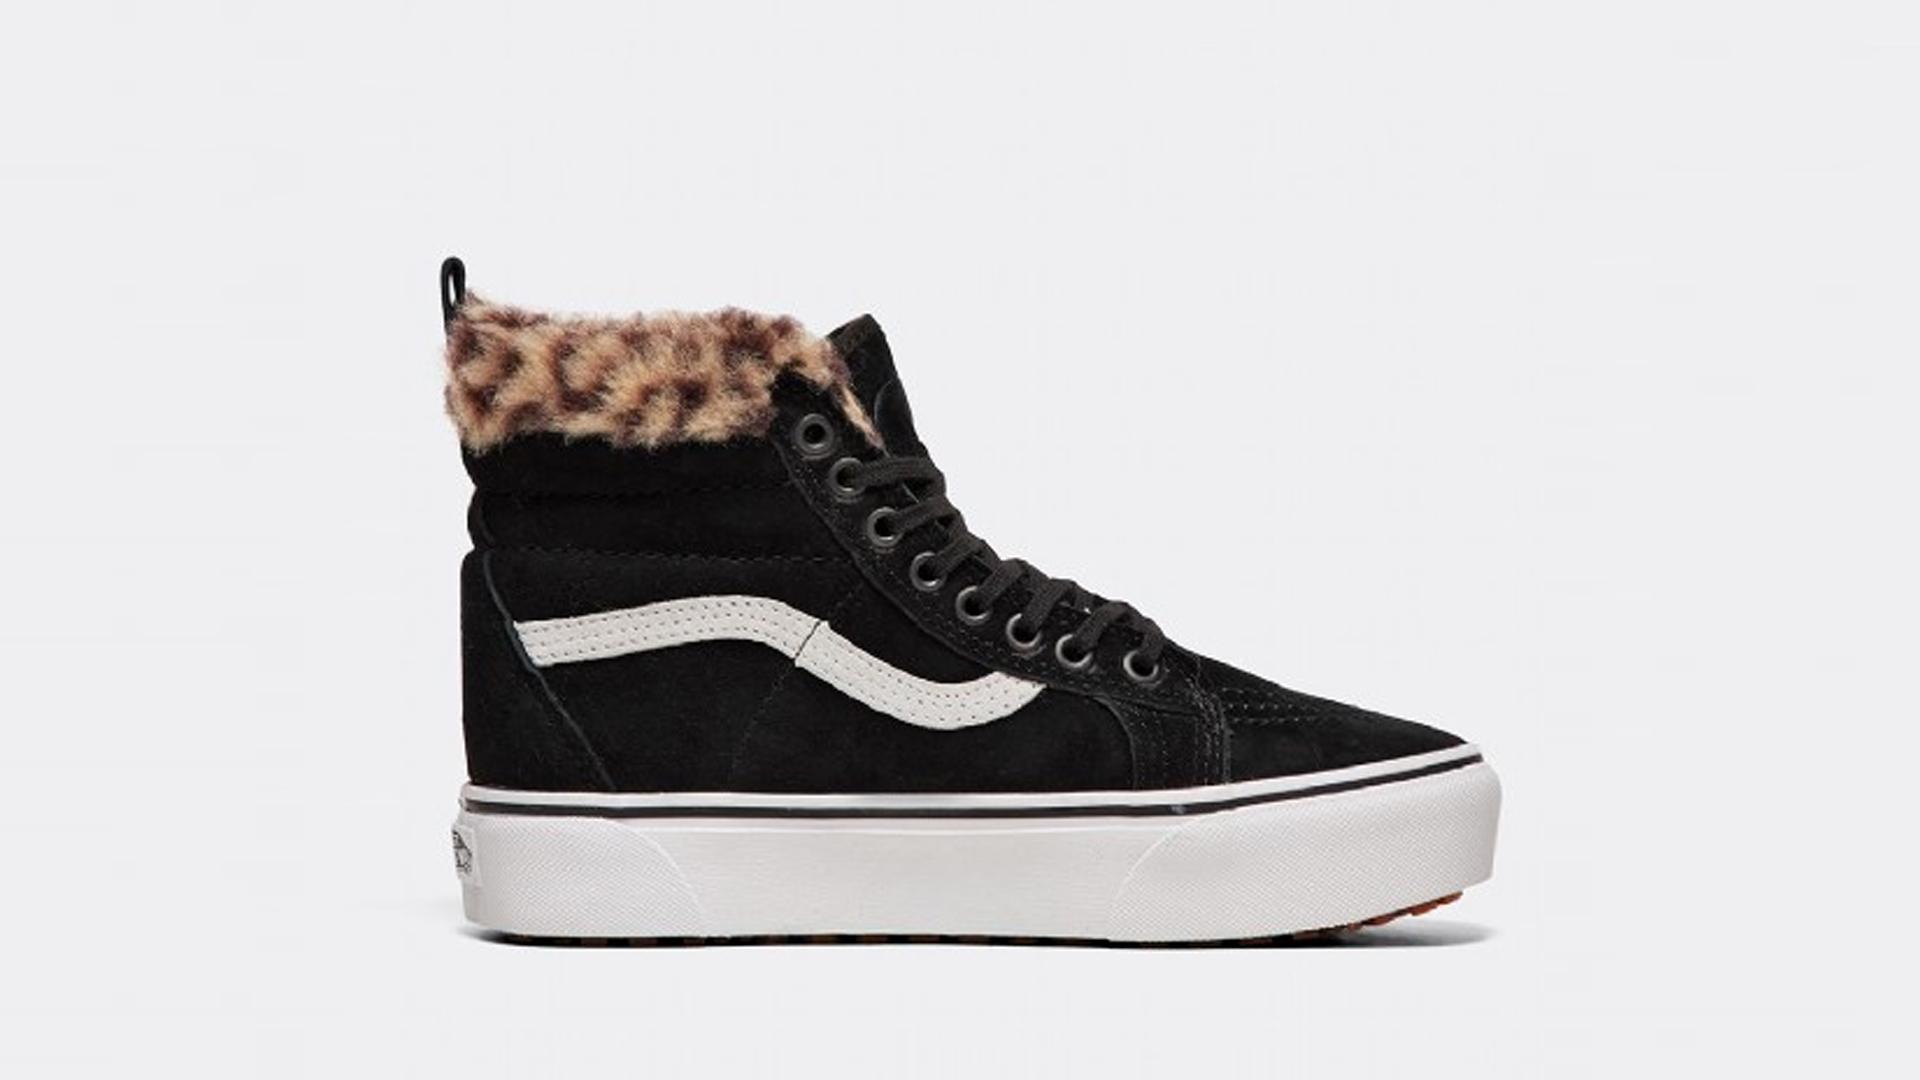 29174a30d6 Vans SK8-Hi MTE Platform Black Leopard Womens